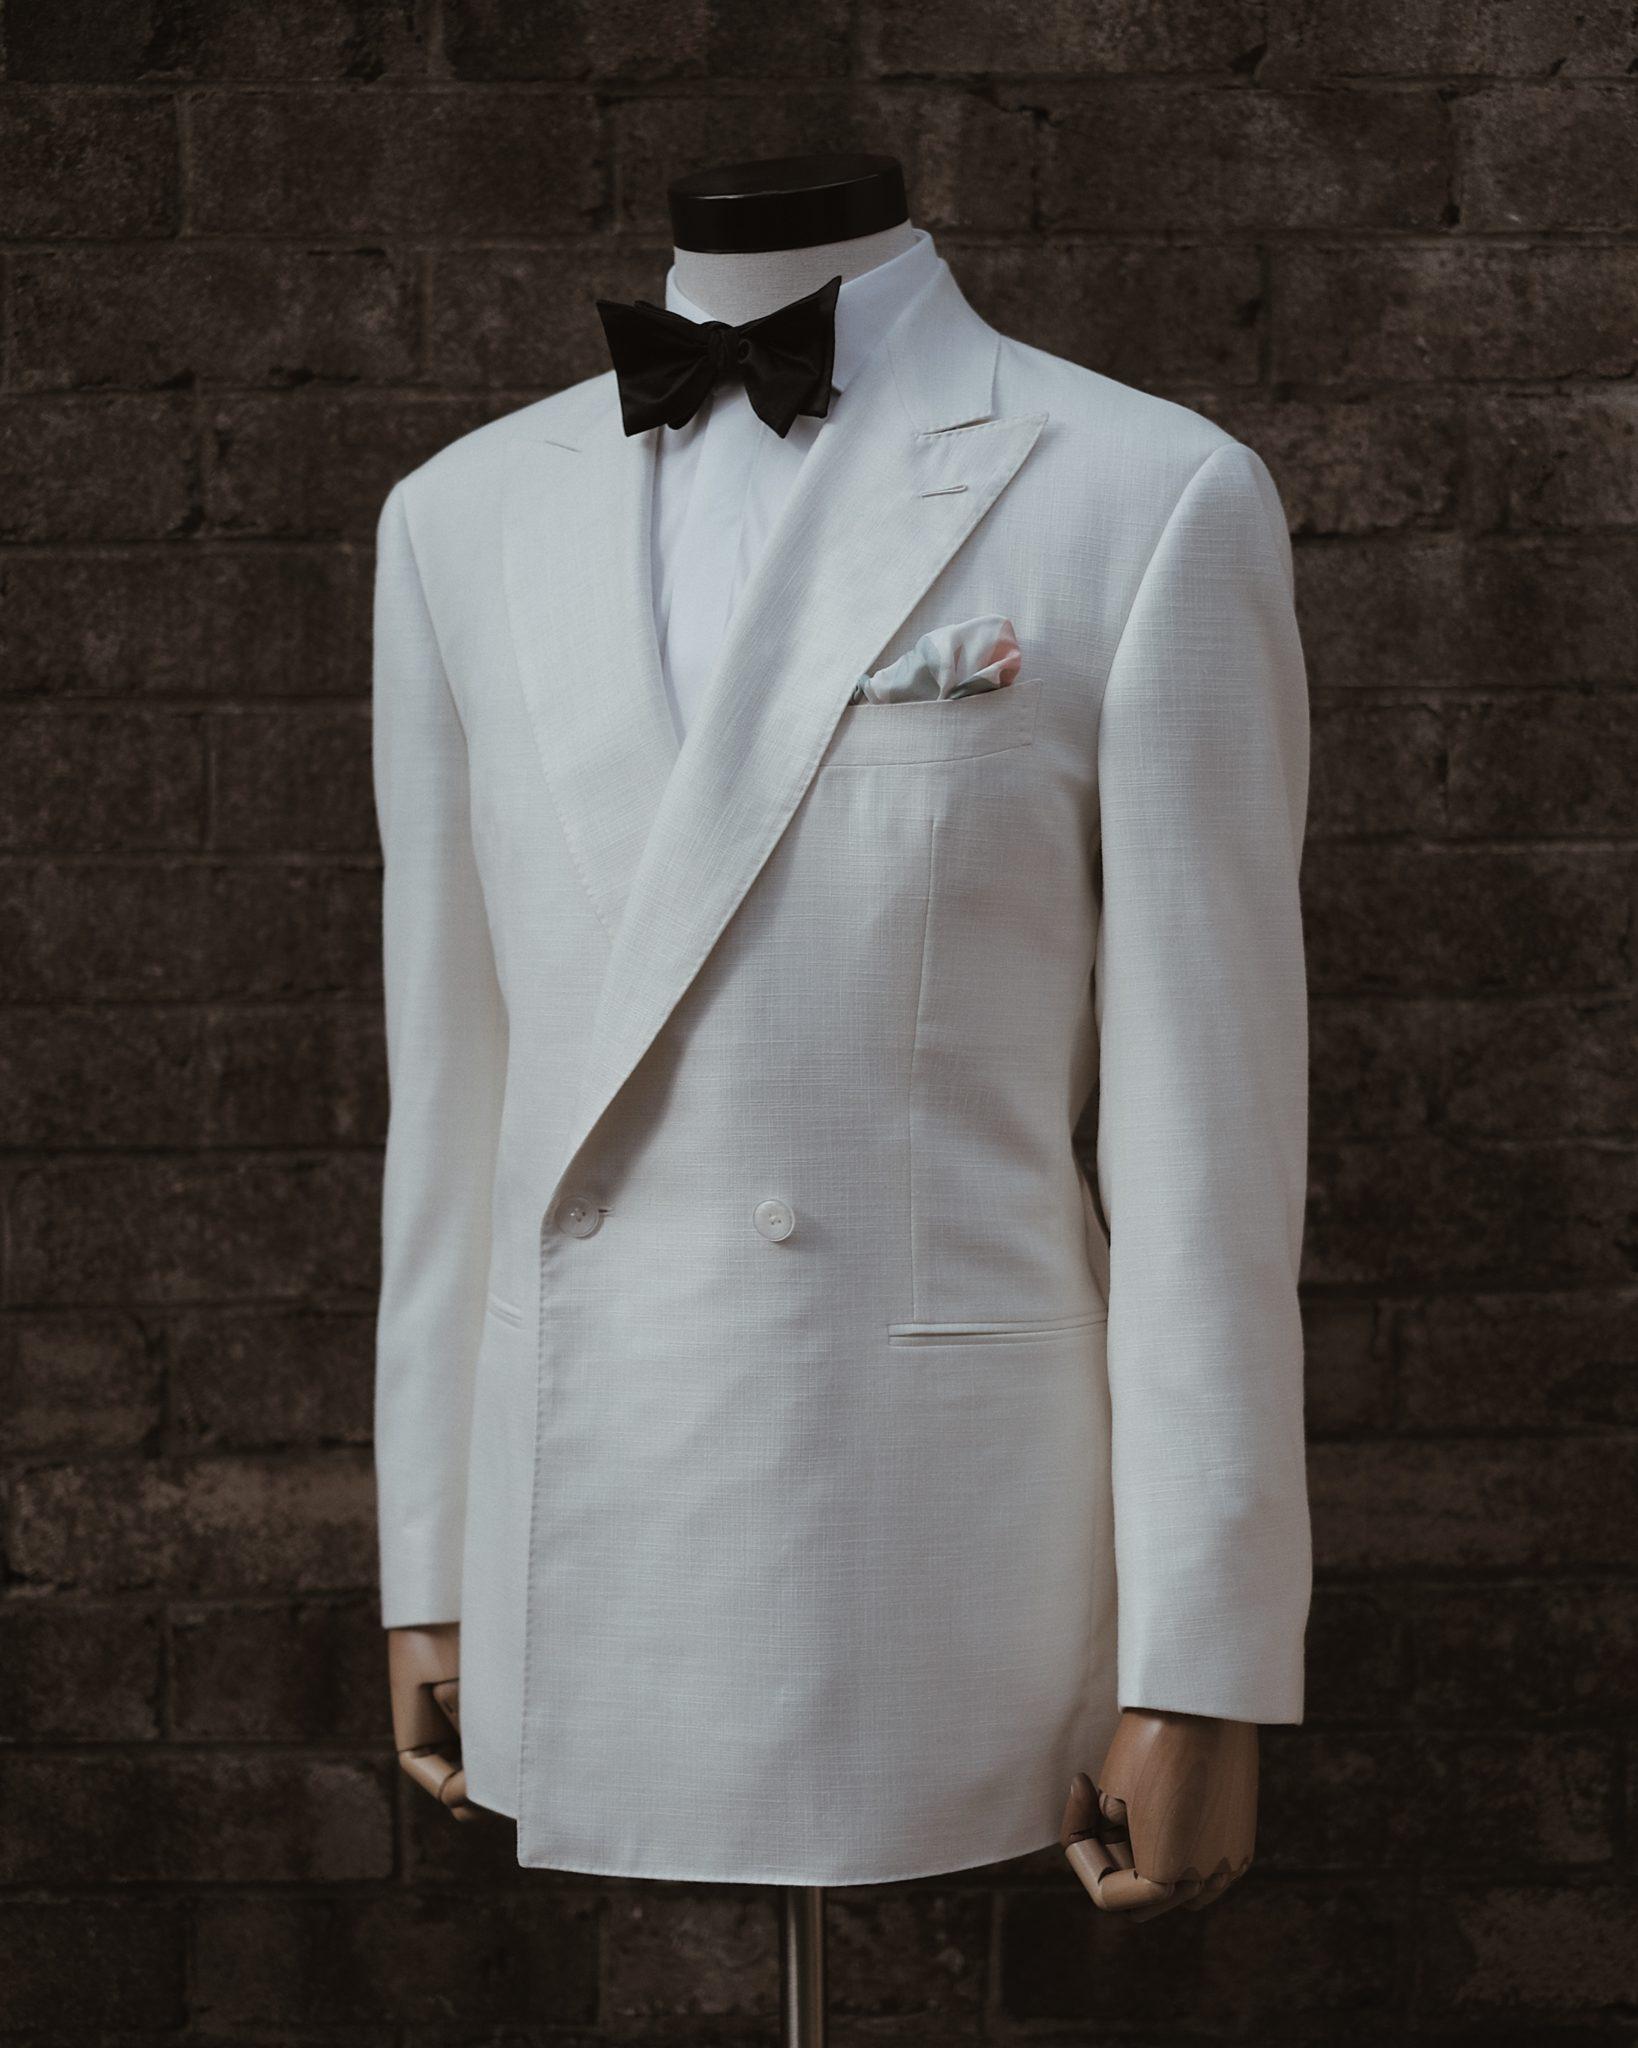 Best White Suit